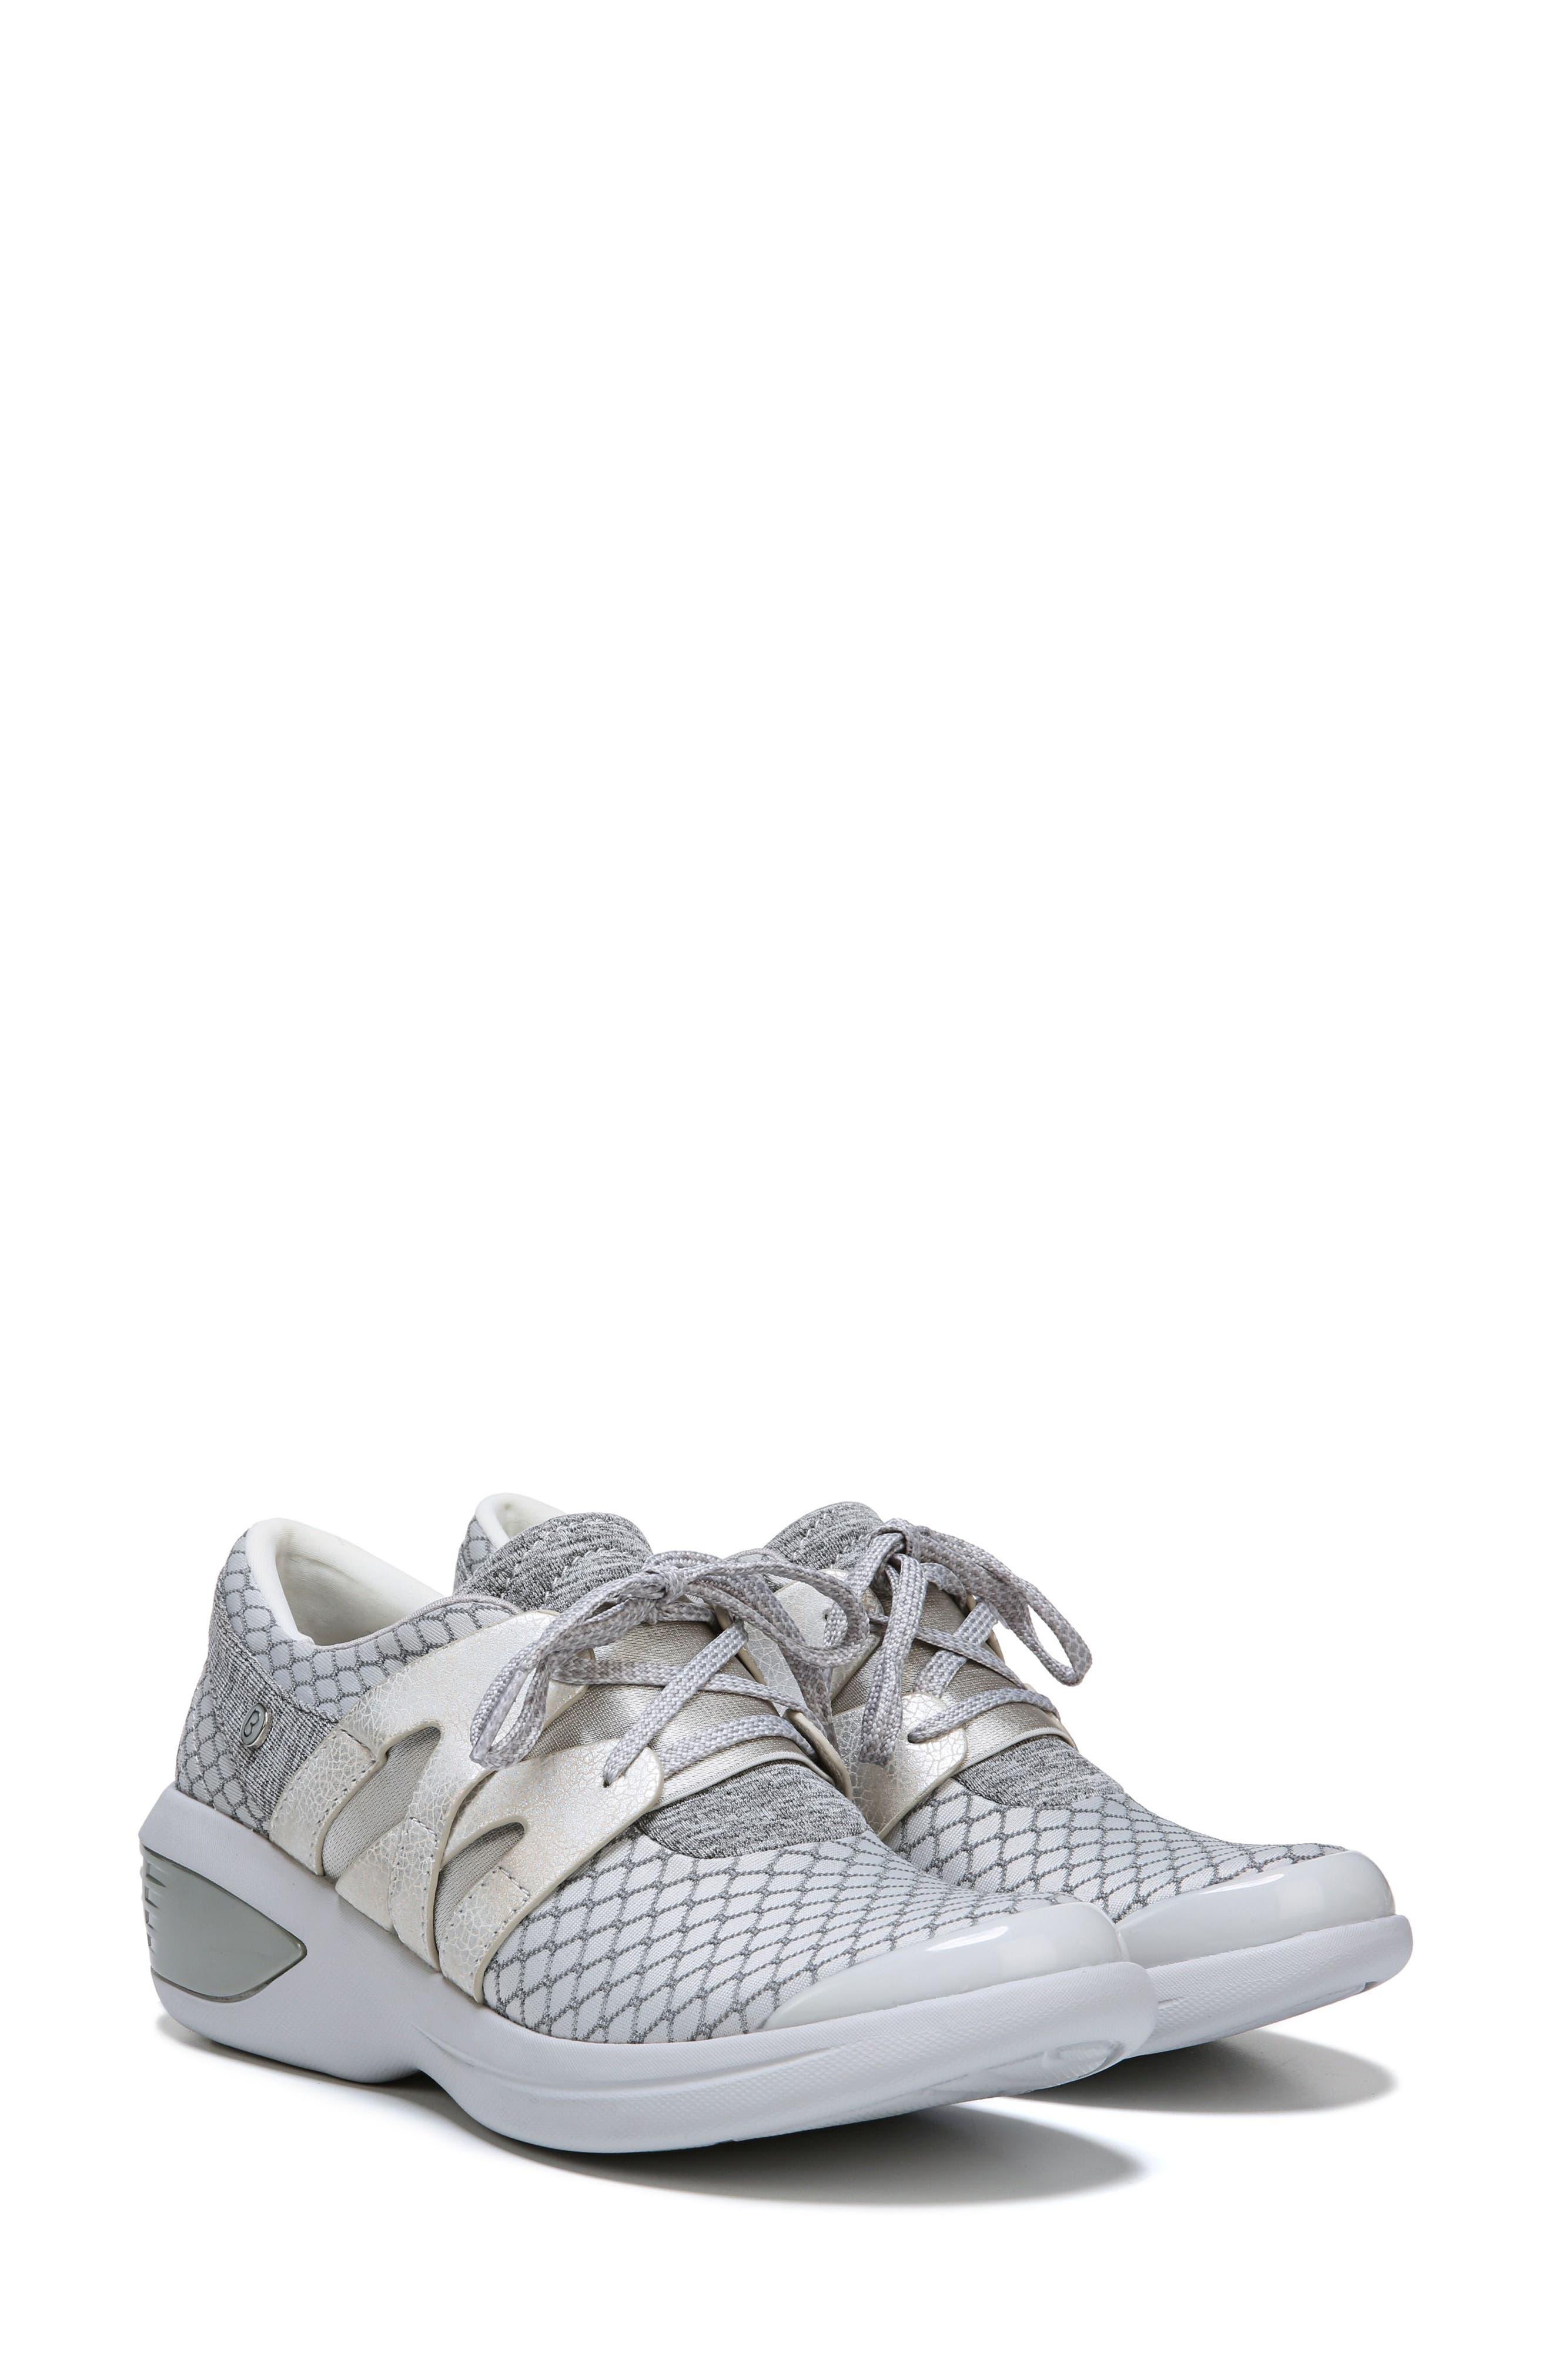 Flicker Sneaker,                             Alternate thumbnail 8, color,                             020